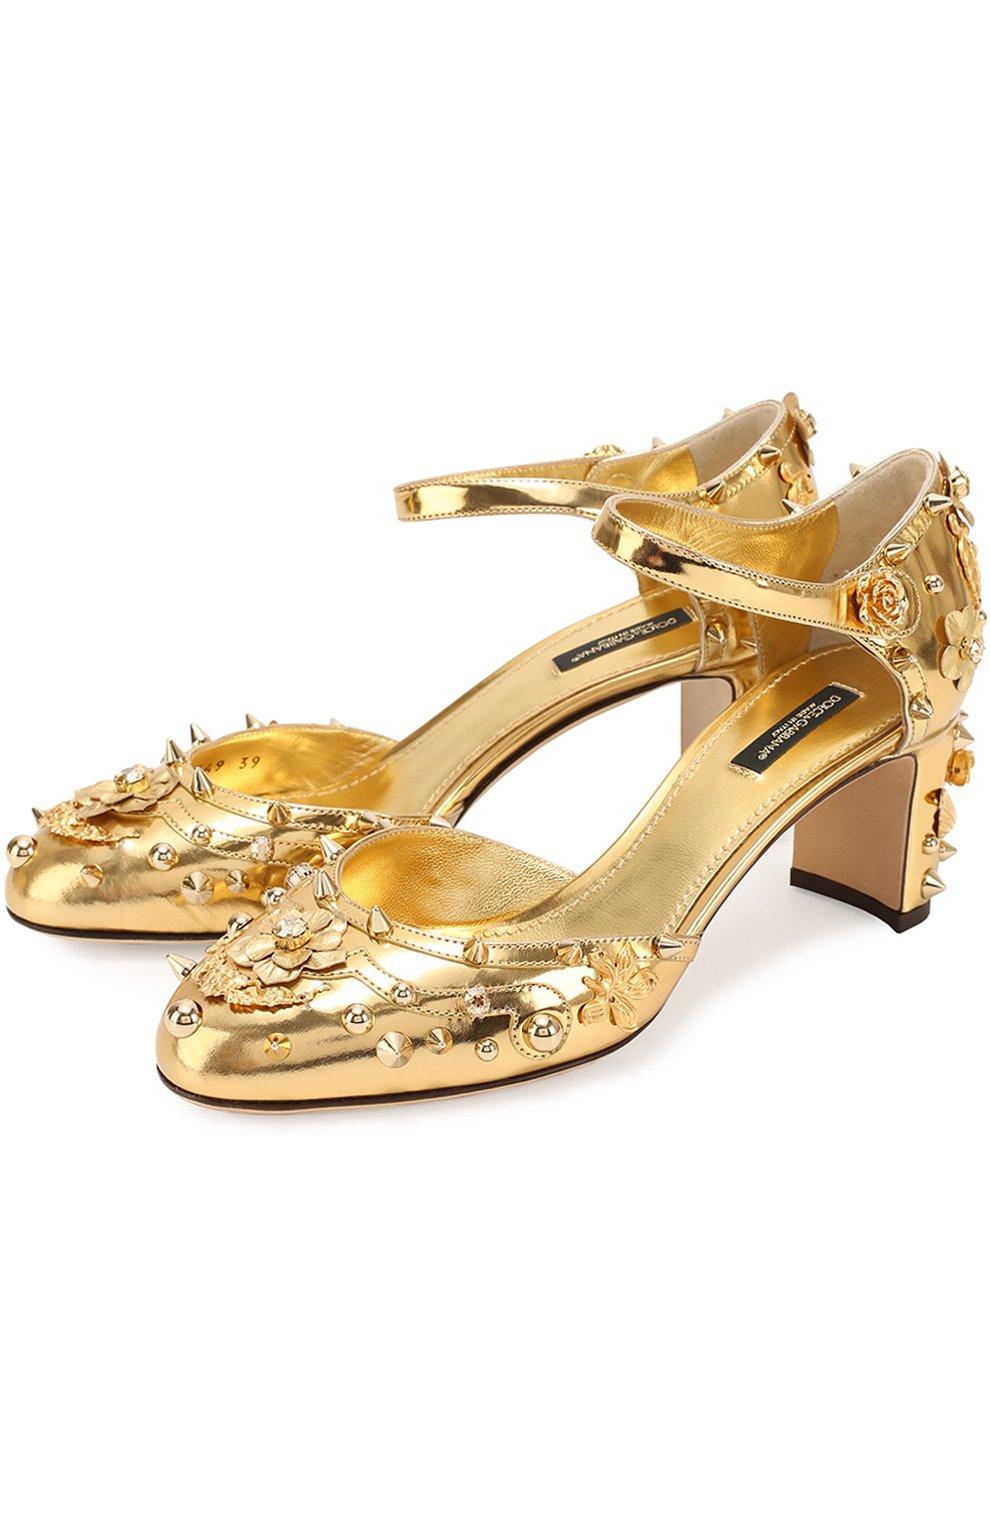 Туфли Vally из металлизированной кожи с декором | Фото №1